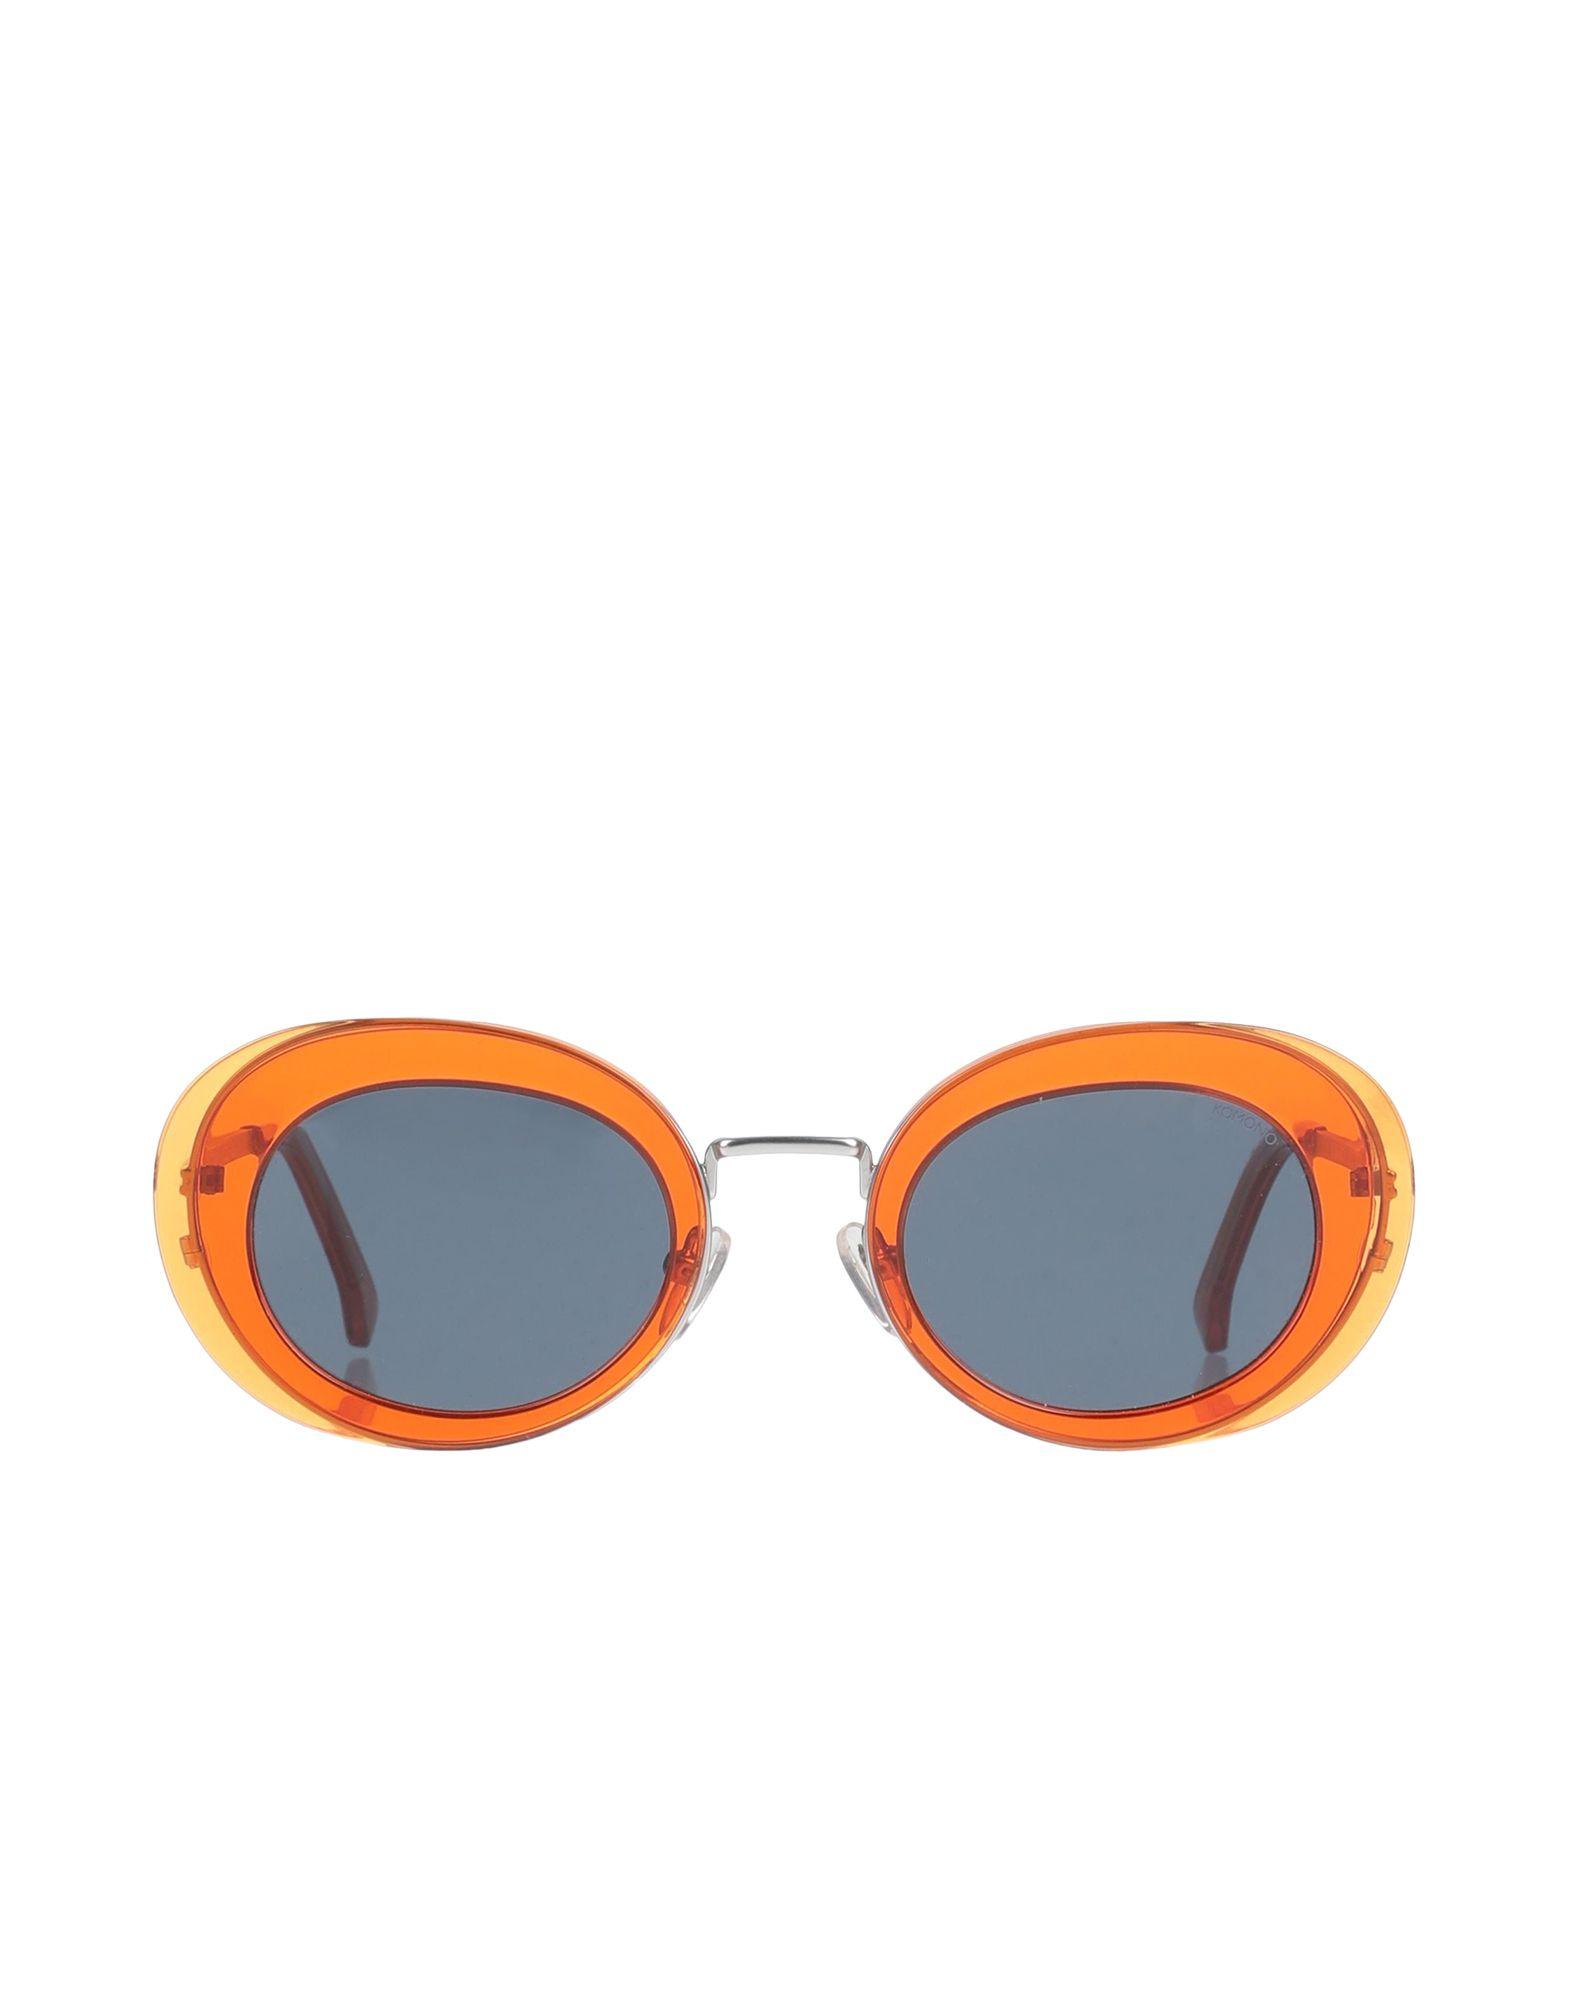 Фото - KOMONO Солнечные очки очки komono benicio black tortoise